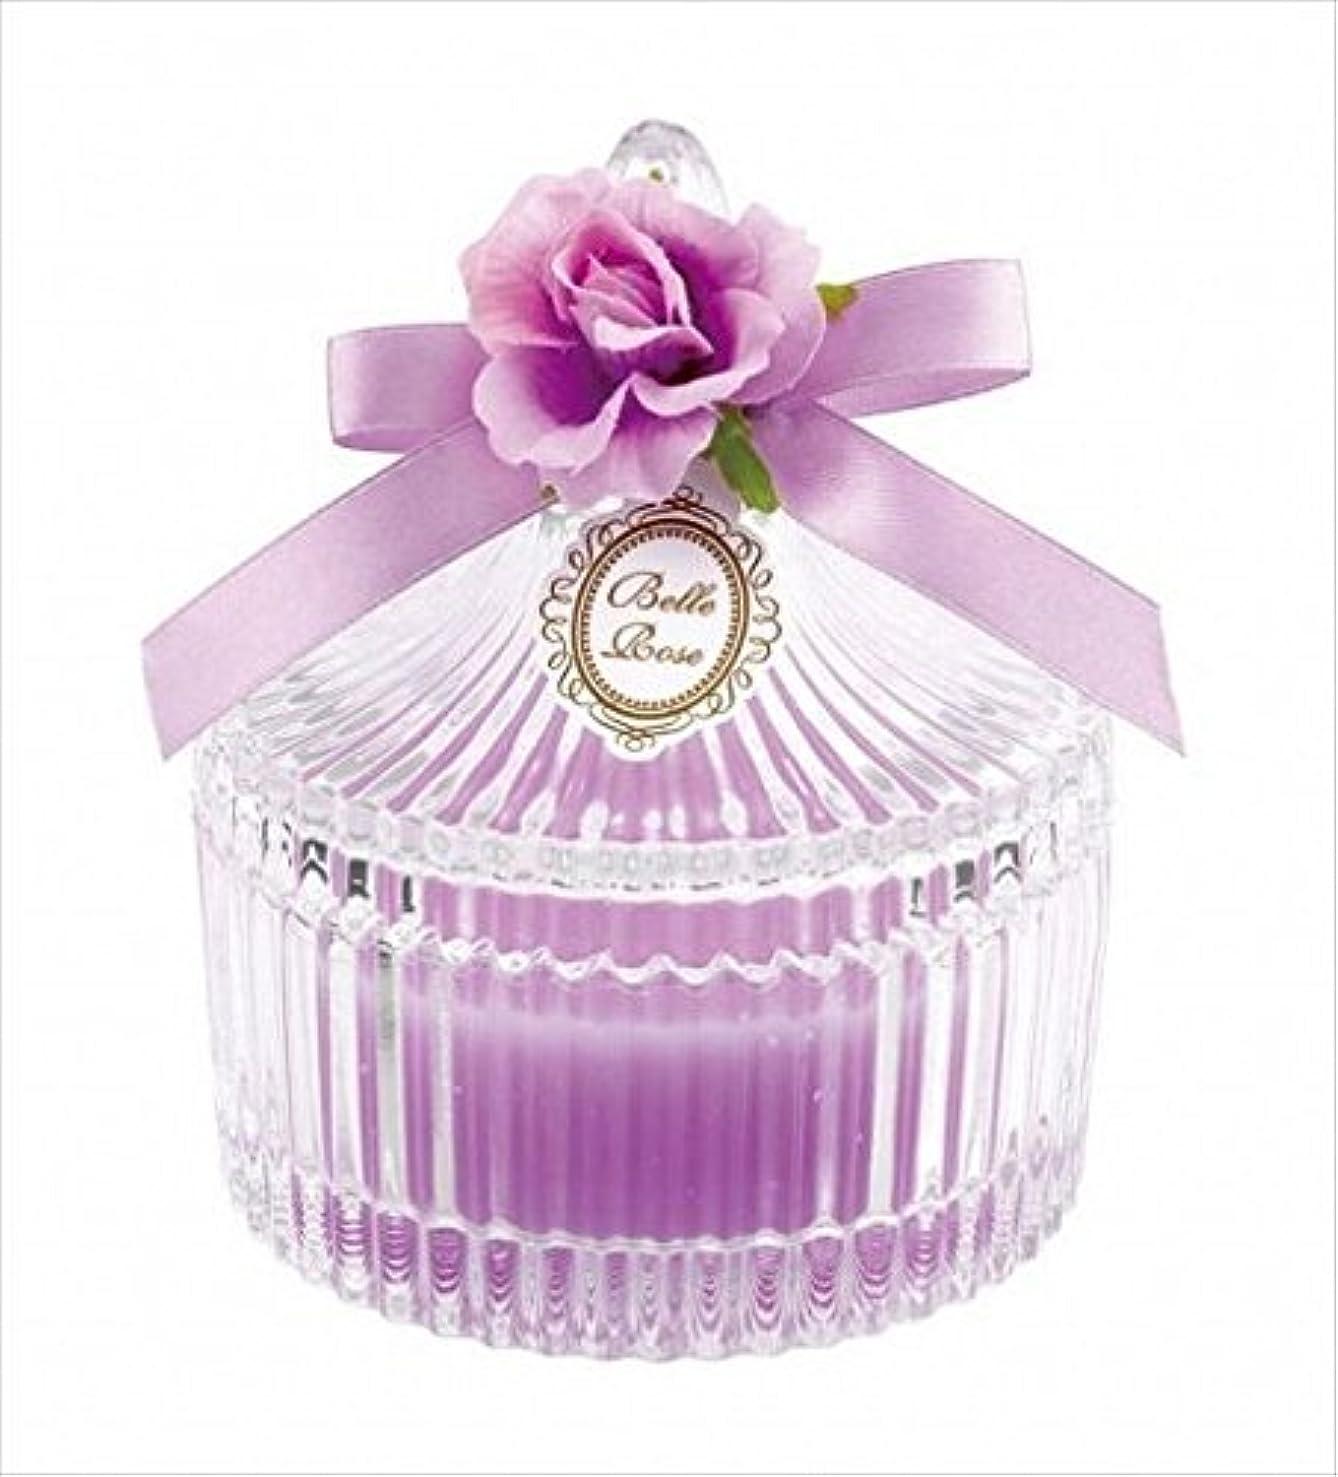 販売員と組むみなさんkameyama candle(カメヤマキャンドル) ベルローズキャニスター 「 パープル 」 キャンドル(A5920500PU)